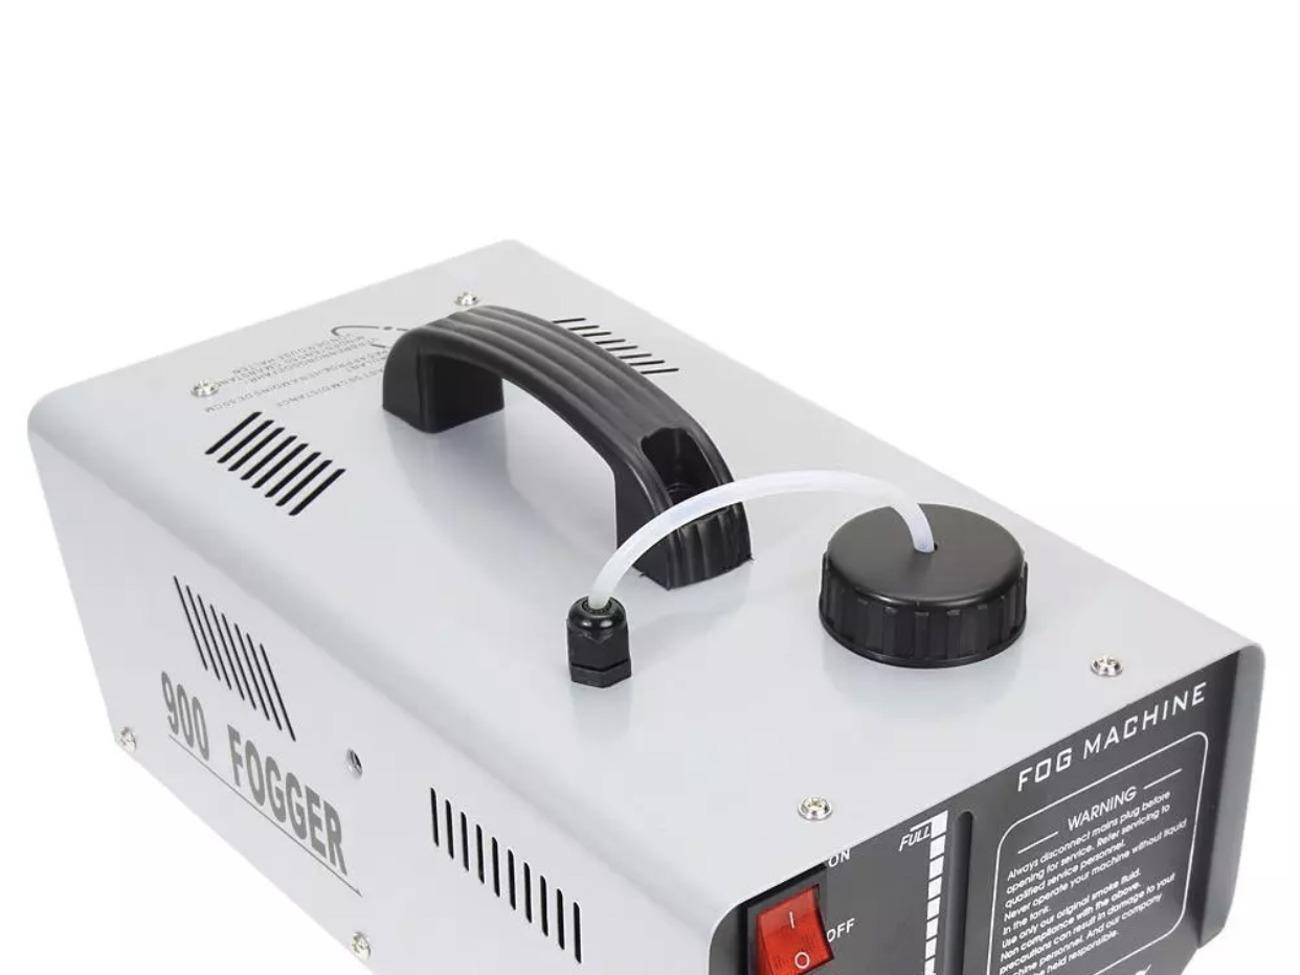 900w Fogger Mist Smoke Machine